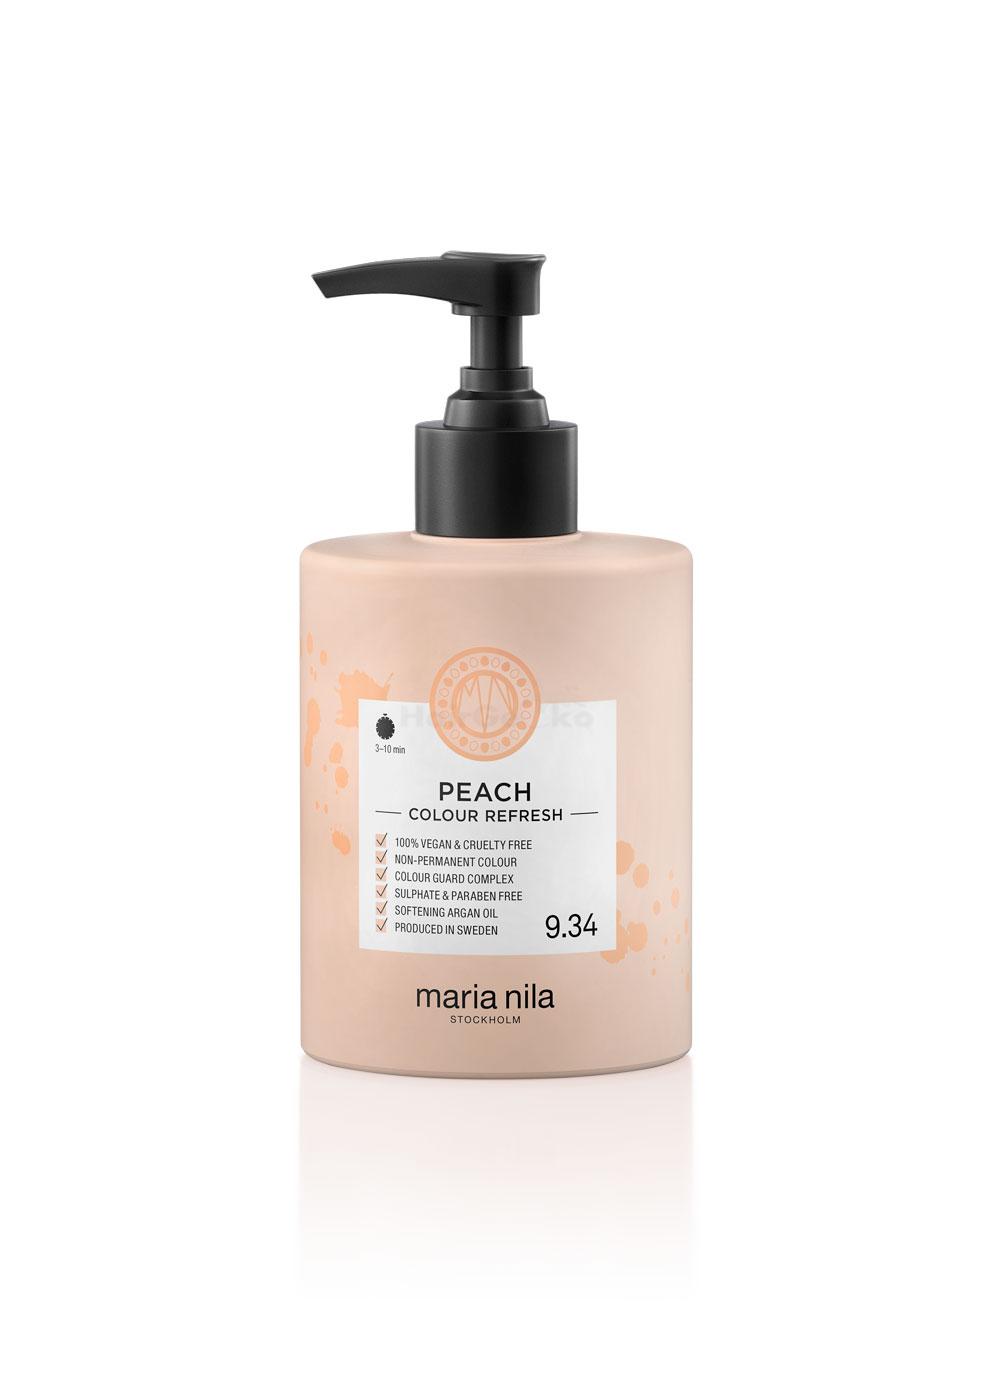 Maria Nila Colour Refresh Peach 9.34 300ml